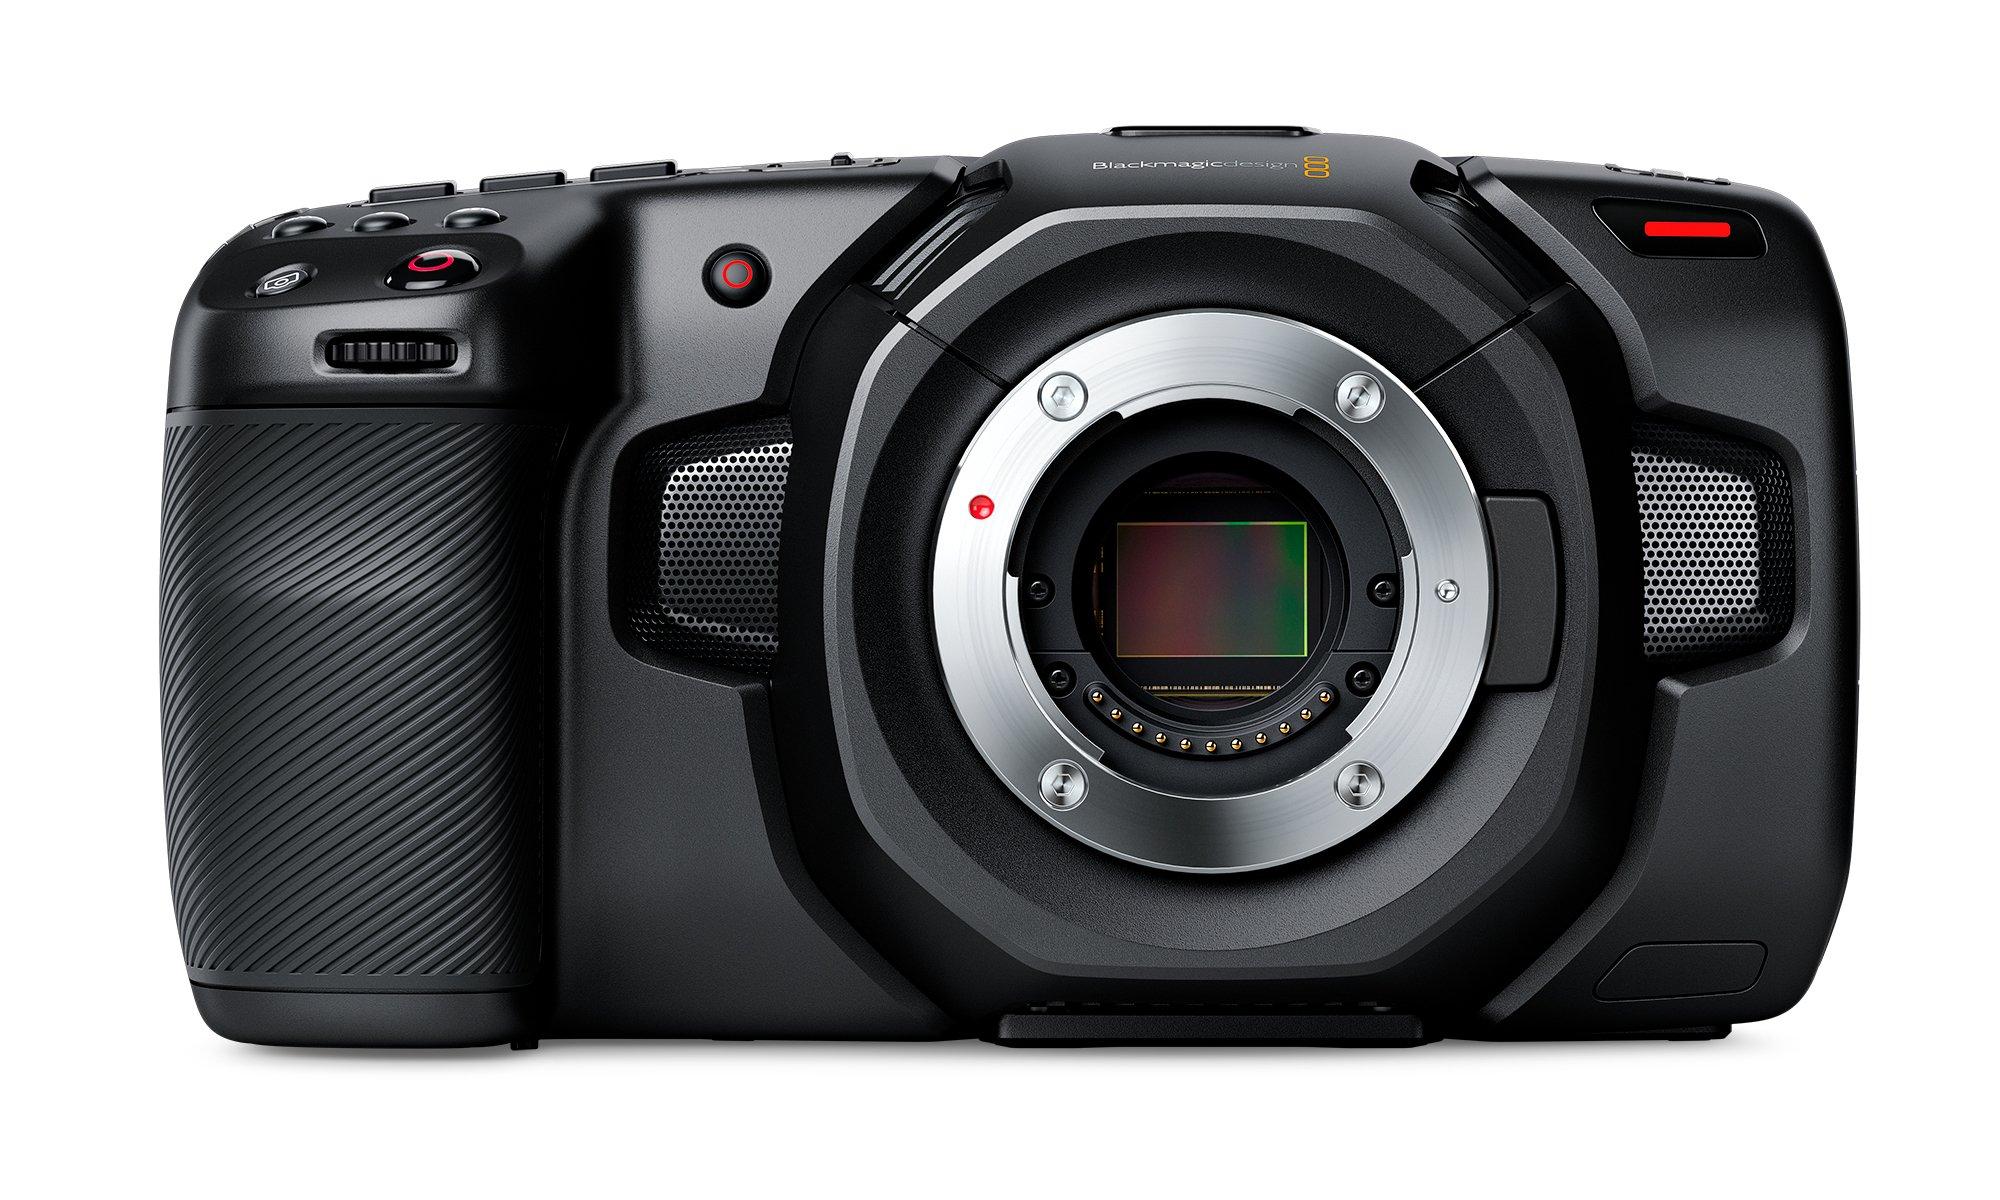 klotzen nicht kleckern blackmagic design bringt neue 4k cinema cam. Black Bedroom Furniture Sets. Home Design Ideas